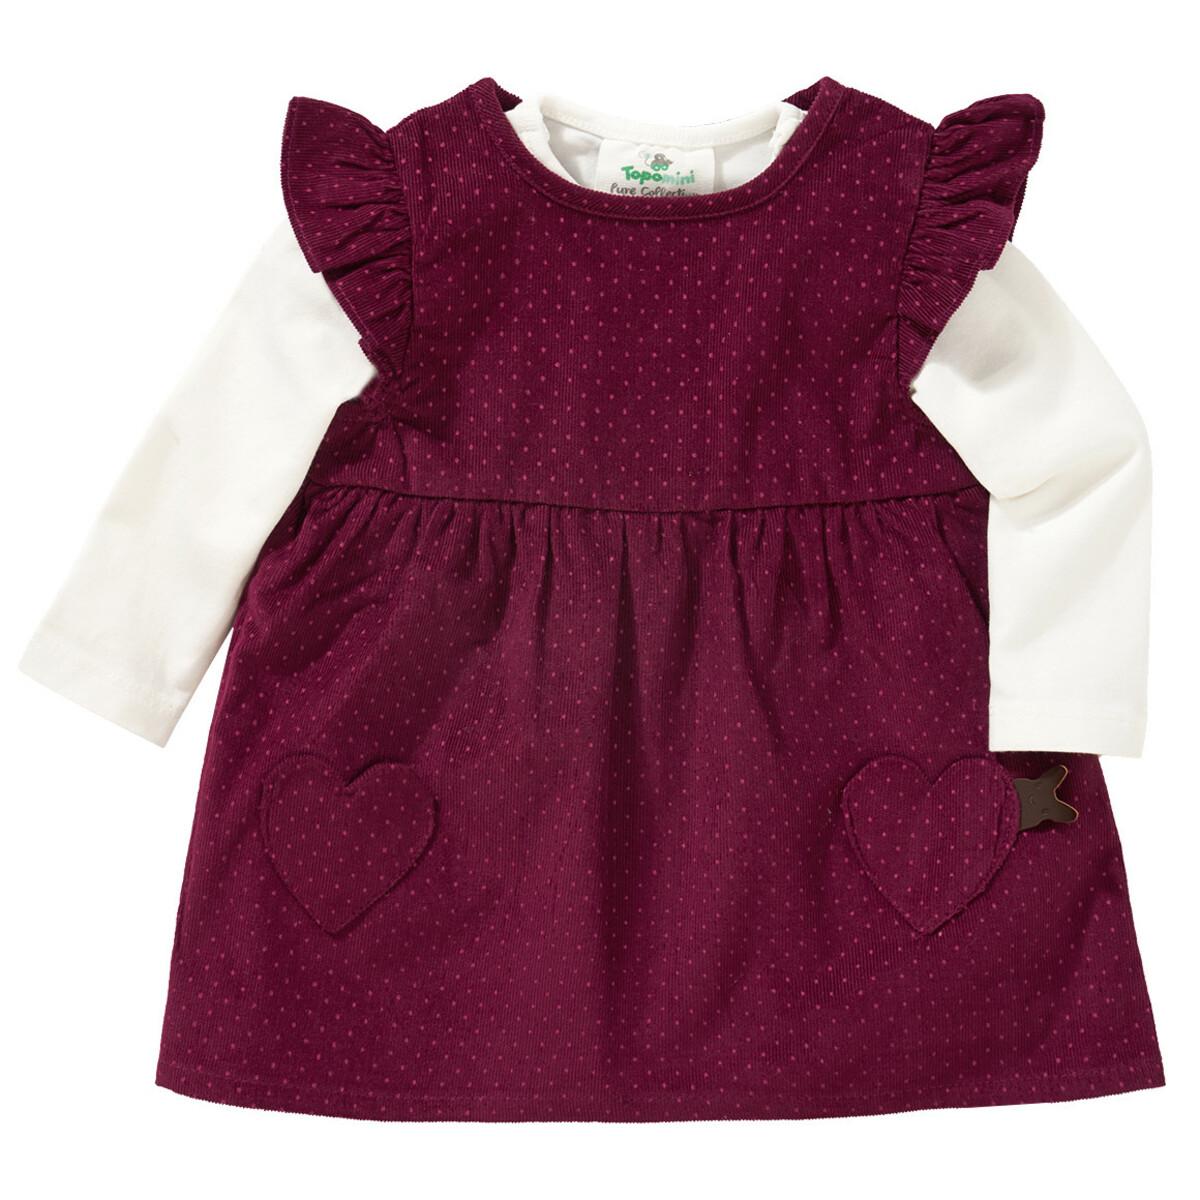 Bild 1 von Newborn Kordkleid und Langarmshirt im Set